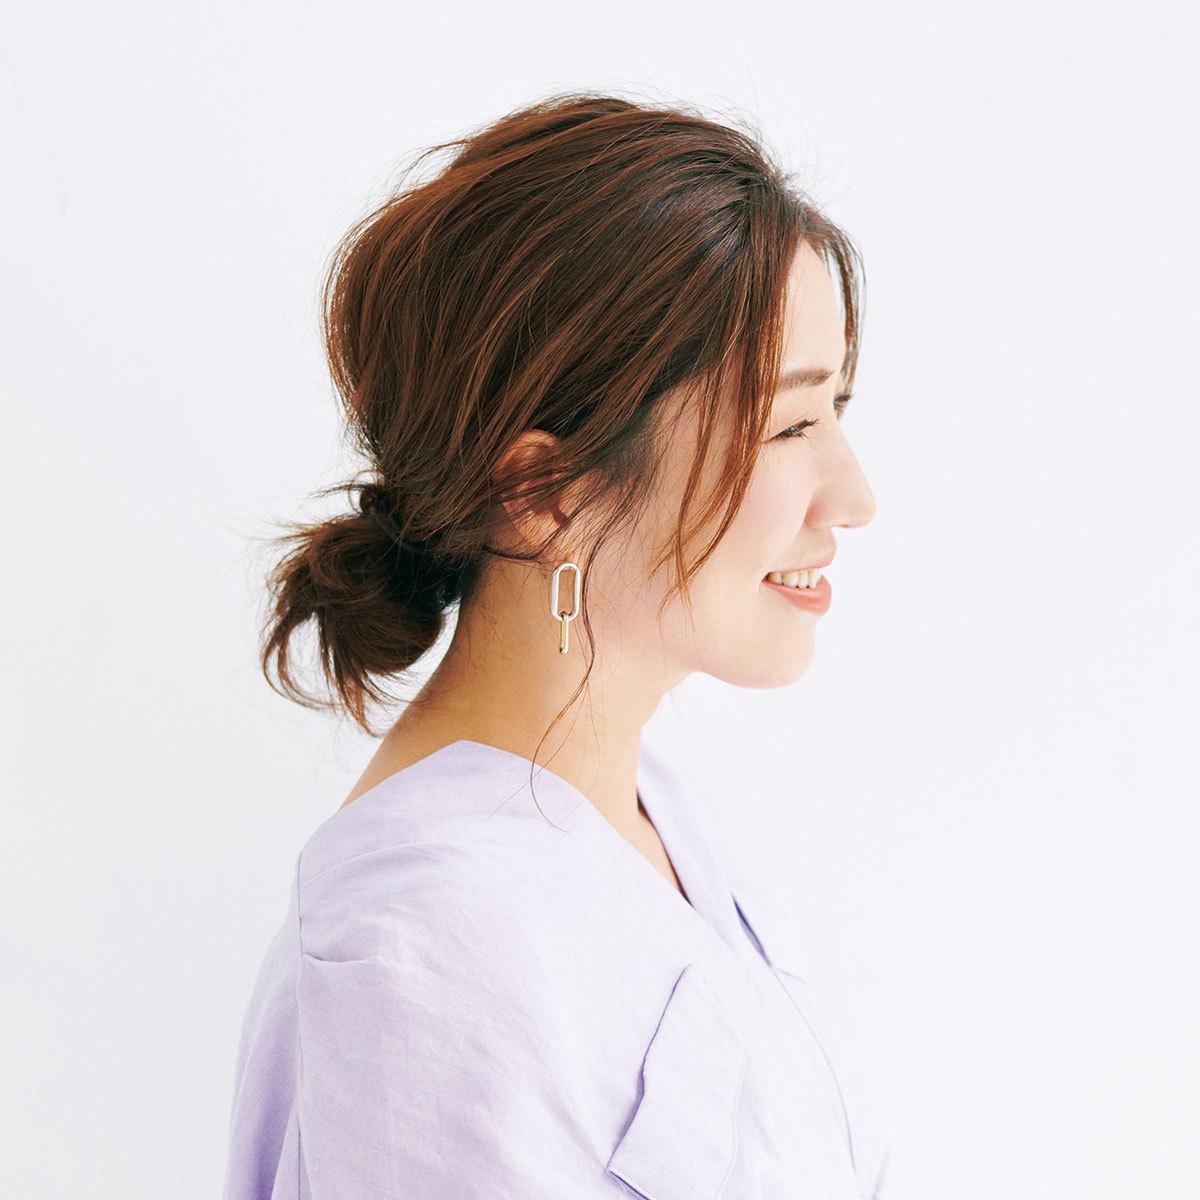 40代に似合う髪型 ヘアスタイル人気ランキング9位